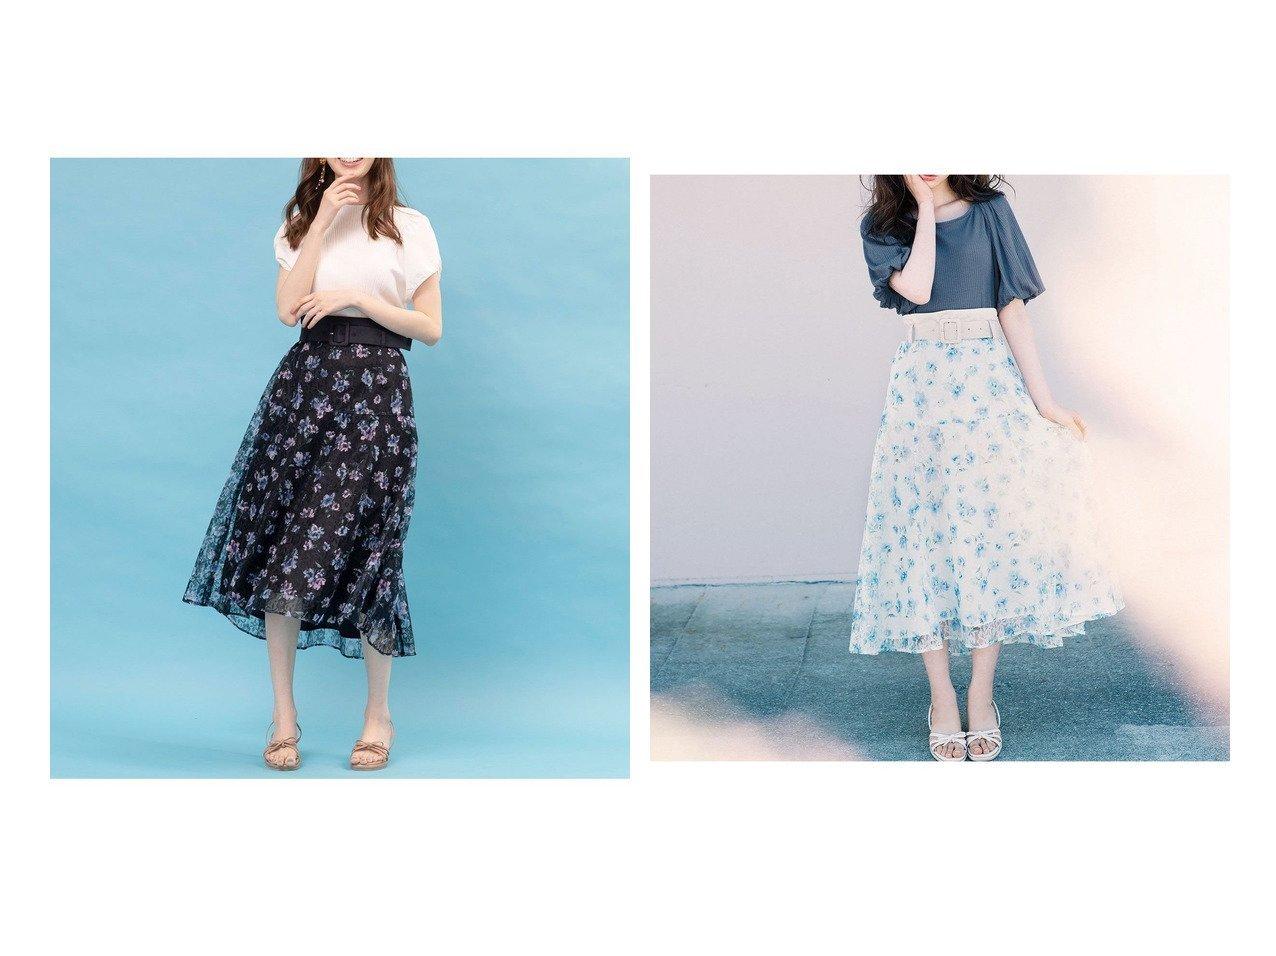 【WILLSELECTION/ウィルセレクション】のレースフラワーベルテッドスカート スカートのおすすめ!人気、トレンド・レディースファッションの通販  おすすめで人気の流行・トレンド、ファッションの通販商品 メンズファッション・キッズファッション・インテリア・家具・レディースファッション・服の通販 founy(ファニー) https://founy.com/ ファッション Fashion レディースファッション WOMEN スカート Skirt Aライン/フレアスカート Flared A-Line Skirts 2020年 2020 2020 春夏 S/S SS Spring/Summer 2020 ギャザー バランス フレア プリント リラックス レース 無地 雑誌 |ID:crp329100000019222